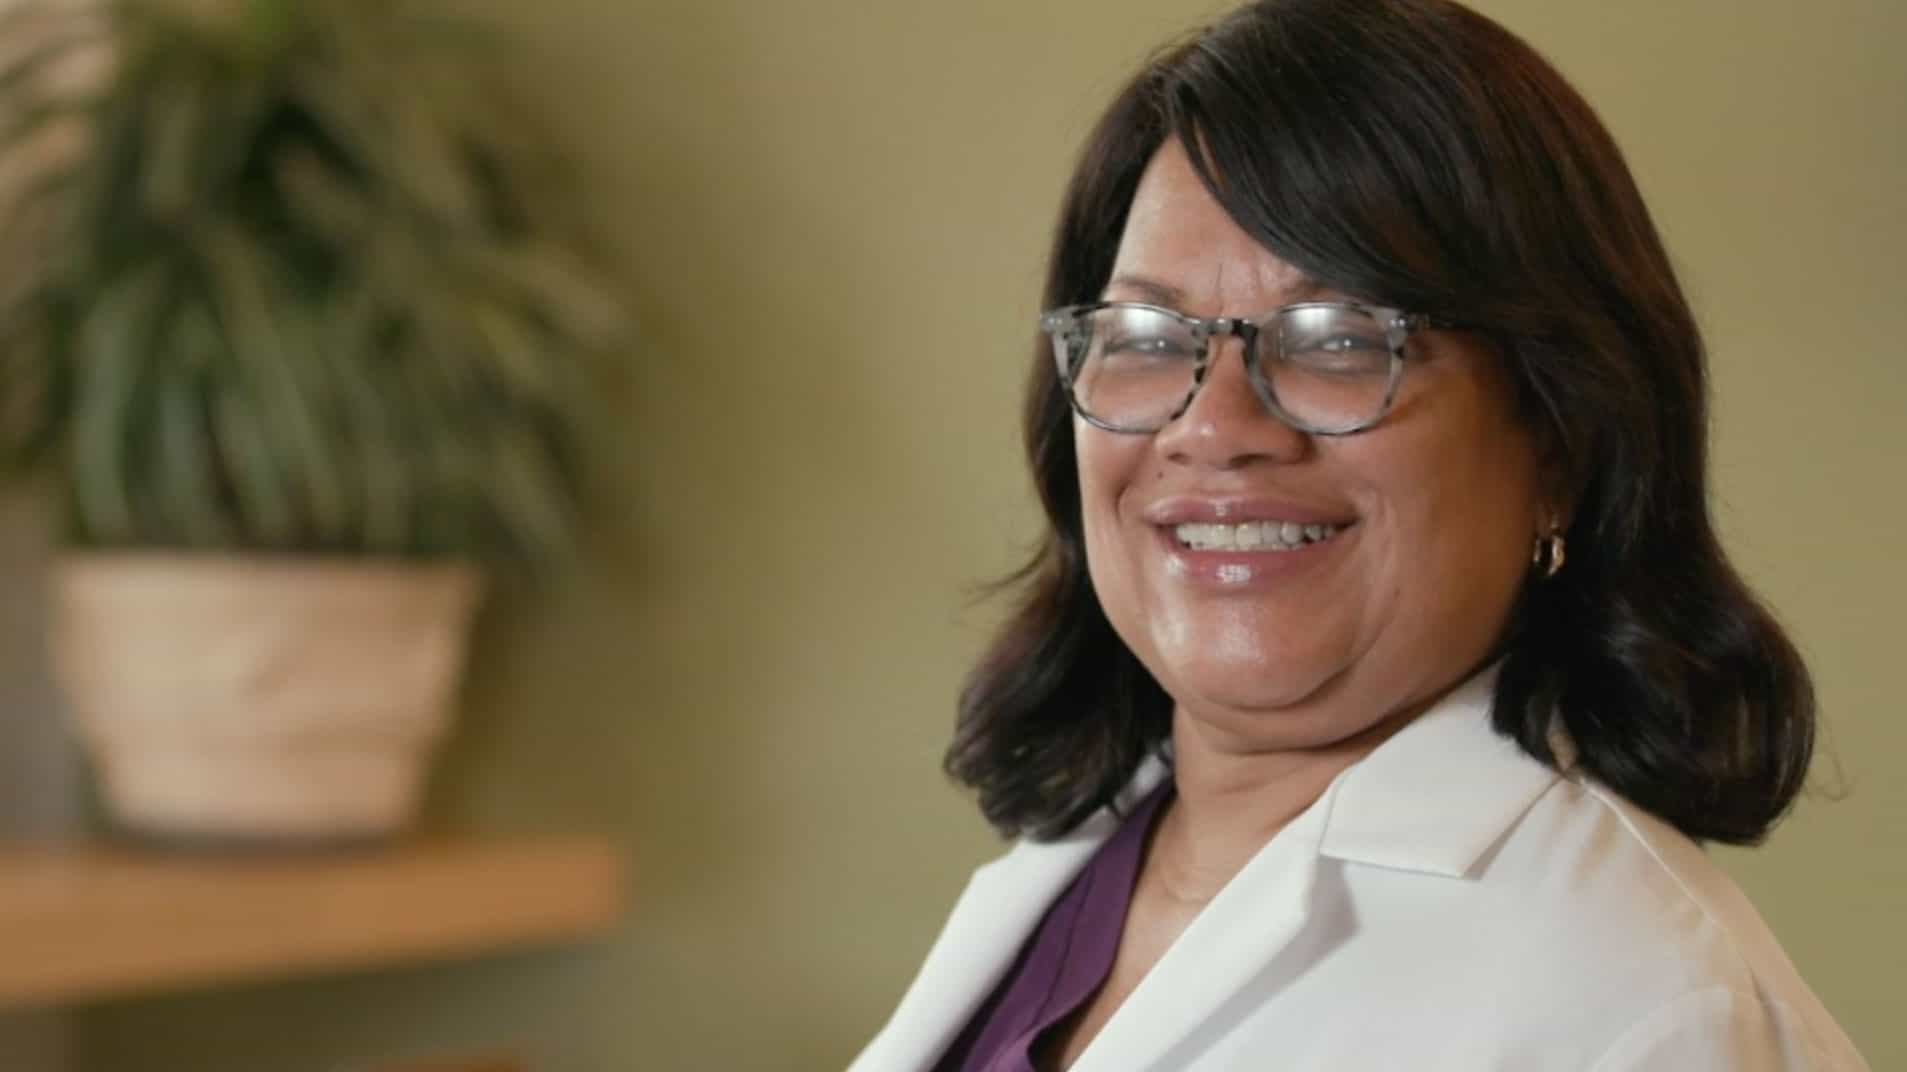 Dr. DeLisa Williams